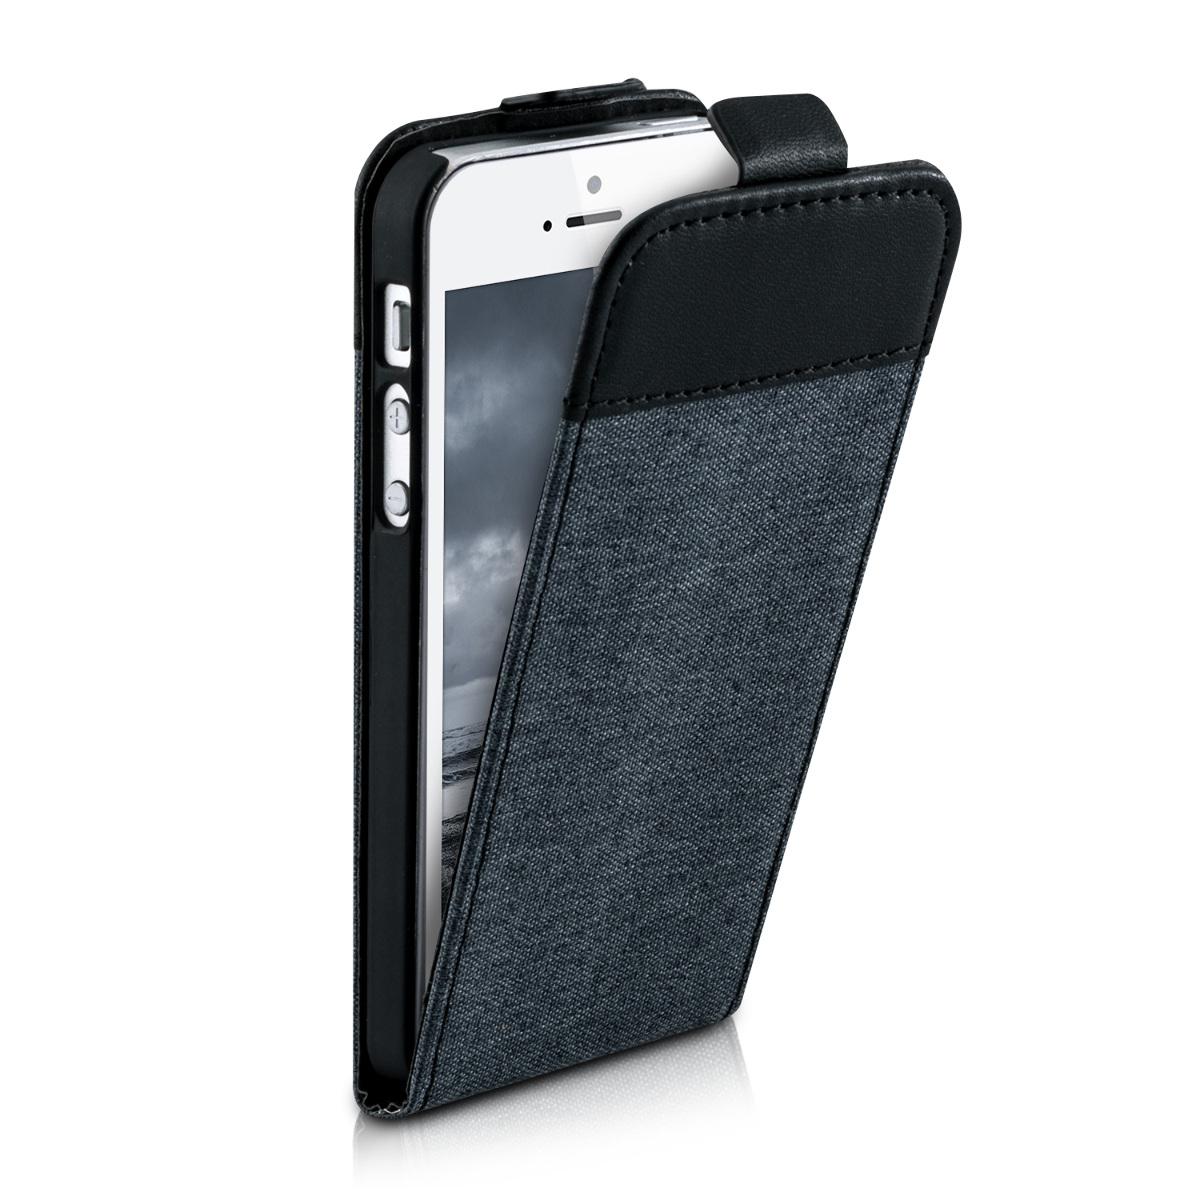 FLIP-CASE-HOUSSE-POUR-APPLE-IPHONE-SE-5-5S-TOILE-CANVAS-COVER-SMARTPHONE-ETUI